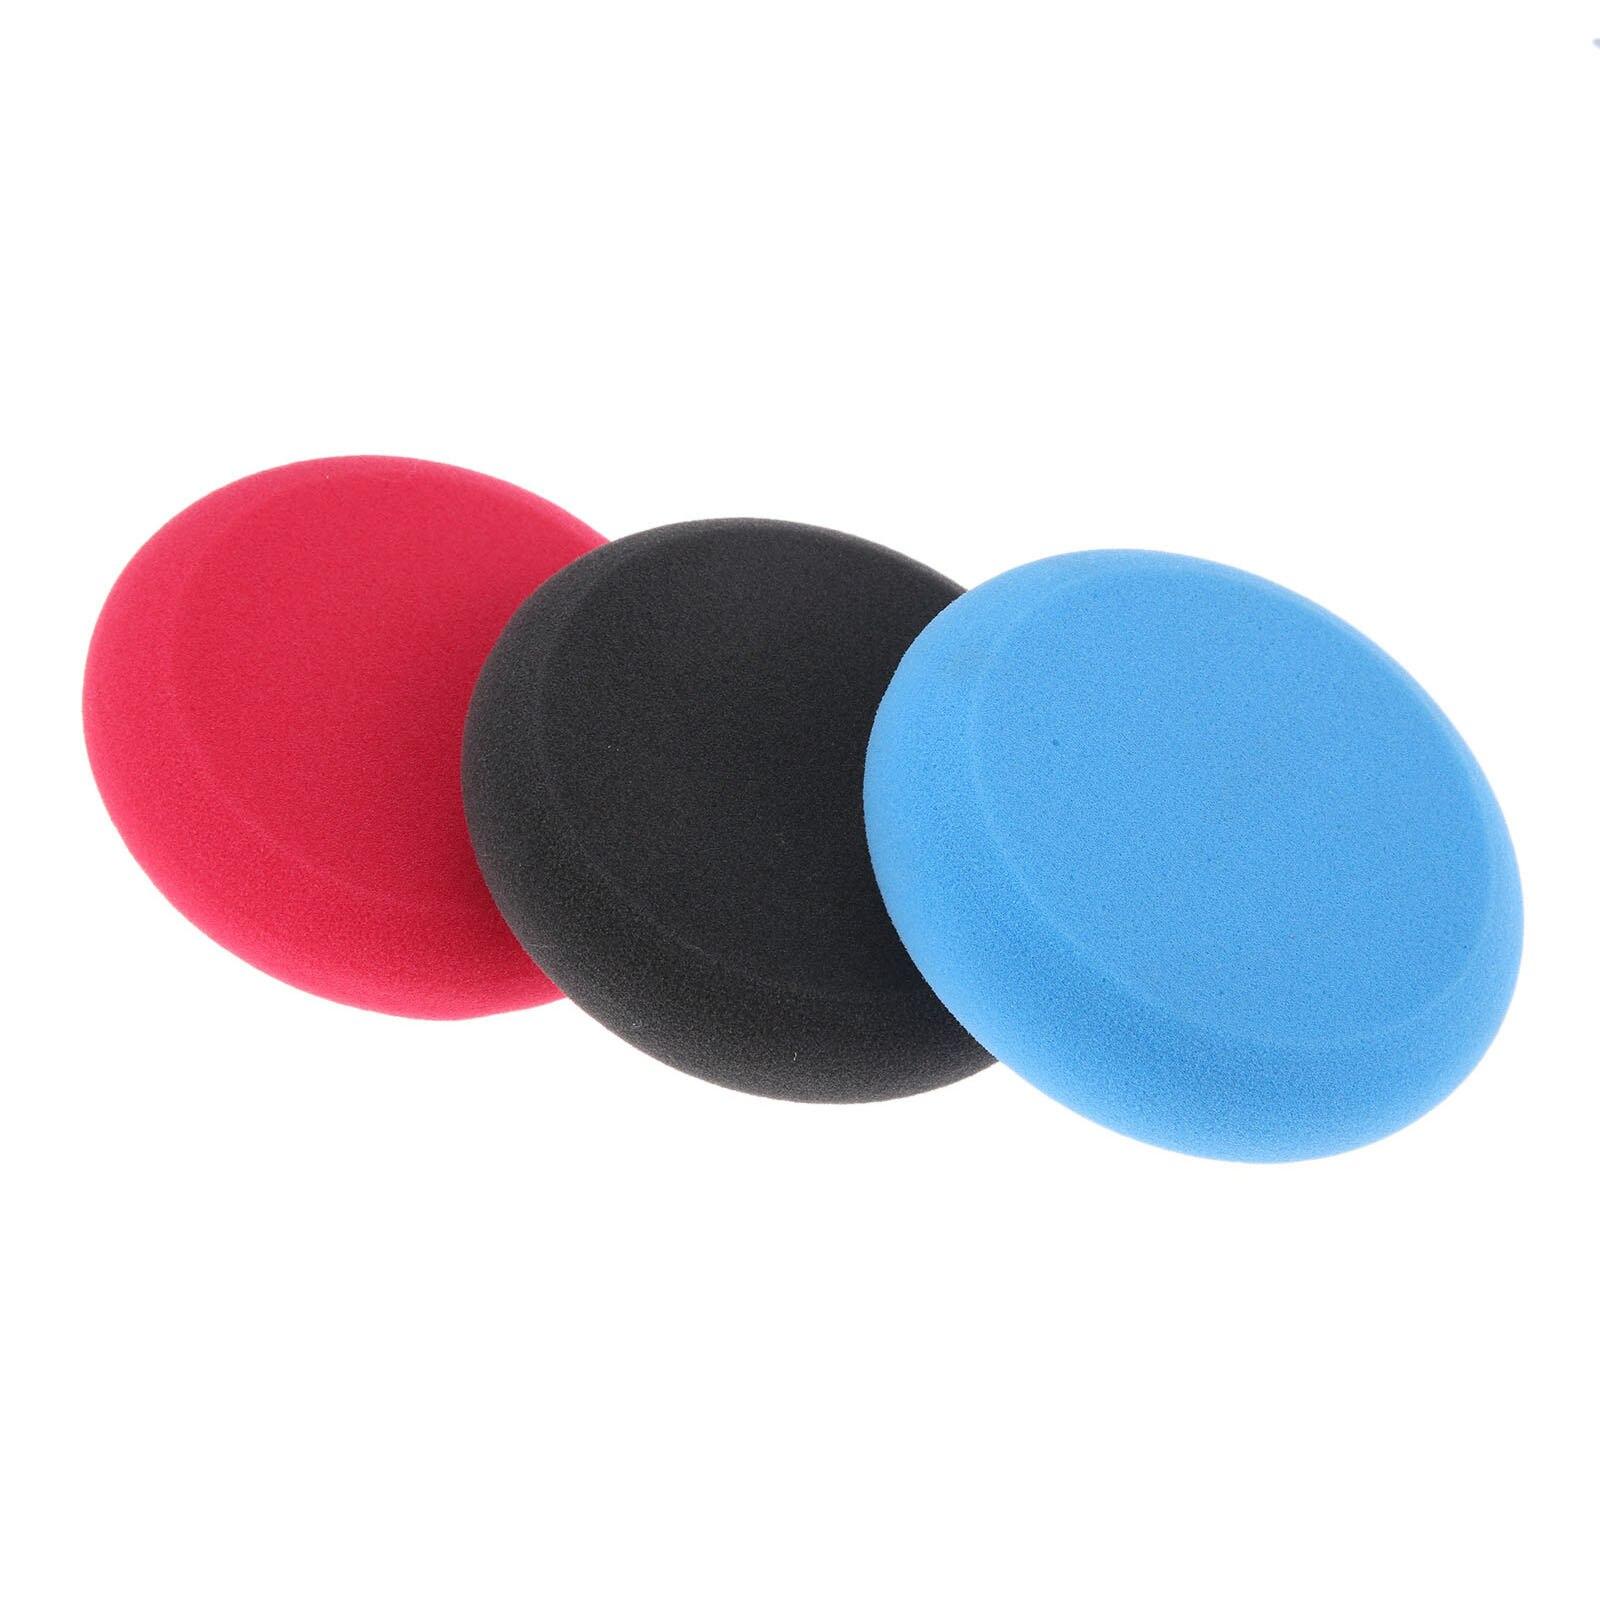 SPTA 10 Unids 125mm Pulido Esponja Almohadillas de Coche con Cera Esponja Aplicador Coche Almohadillas Esponja de Pulido Cera Almohadillas de Cera